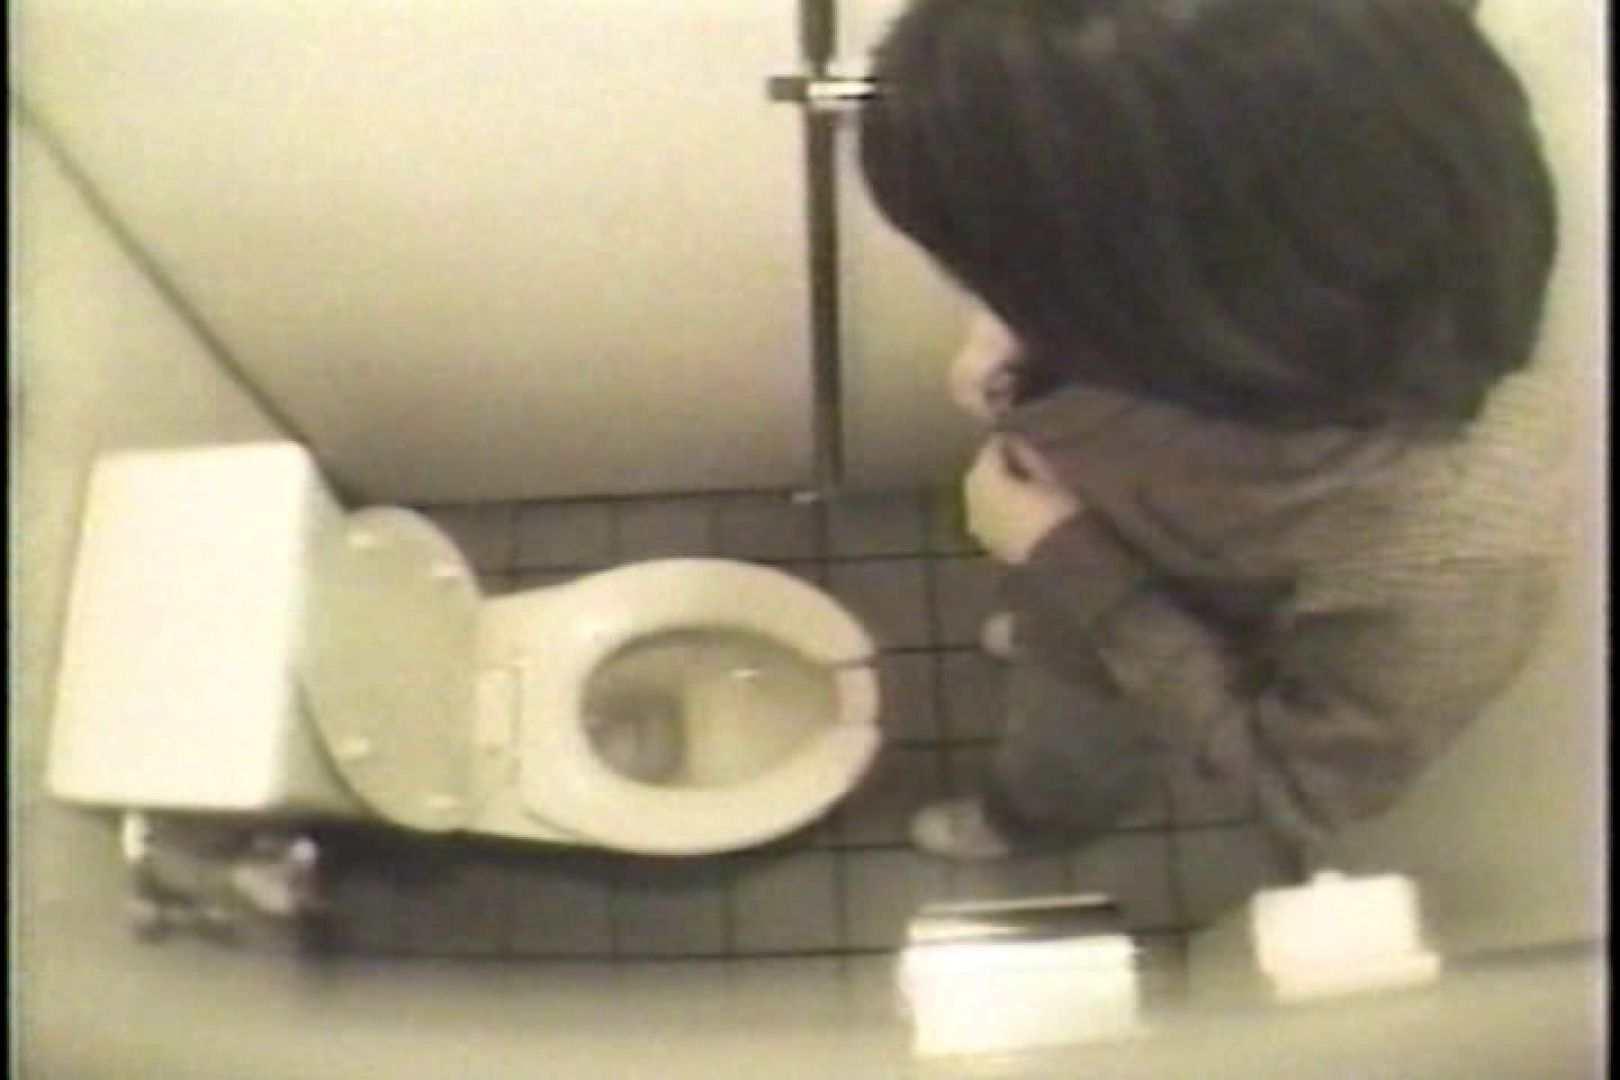 盗撮 女子洗面所3ヶ所入ってしゃがんで音出して 洗面所 盗み撮りAV無料動画キャプチャ 67pic 67